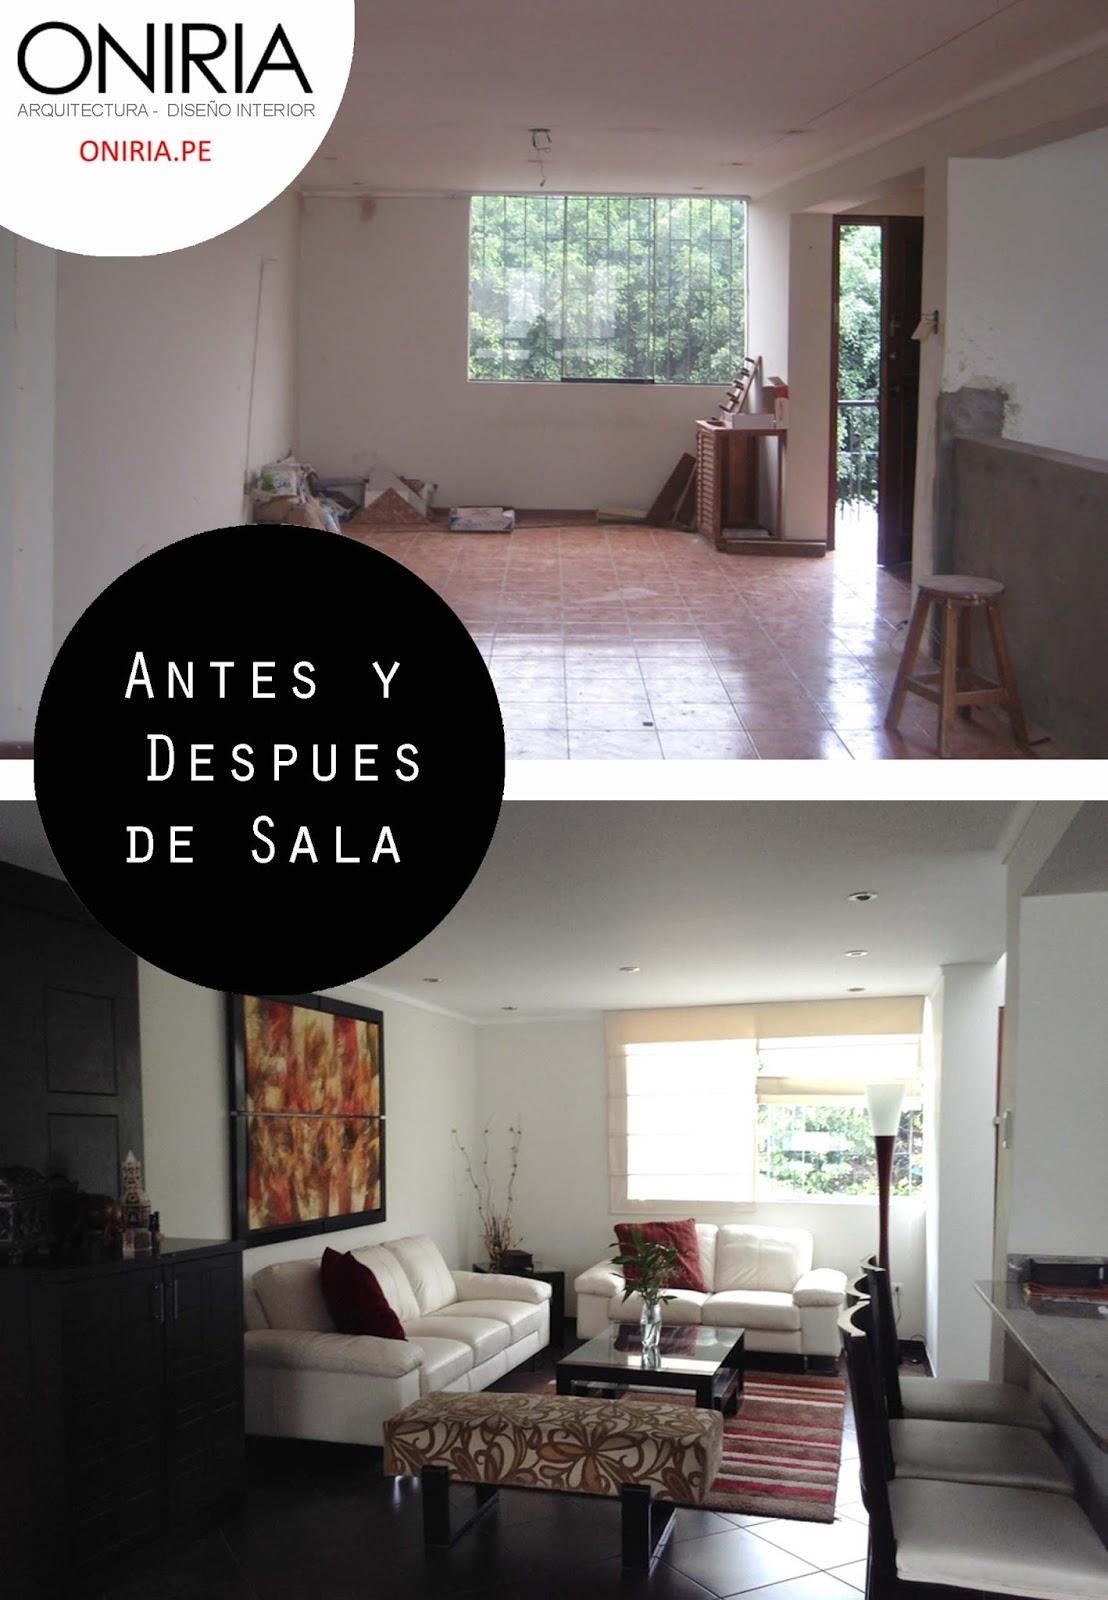 Oniria antes y despu s remodelaci n de sala for Remodelacion de casas pequenas fotos